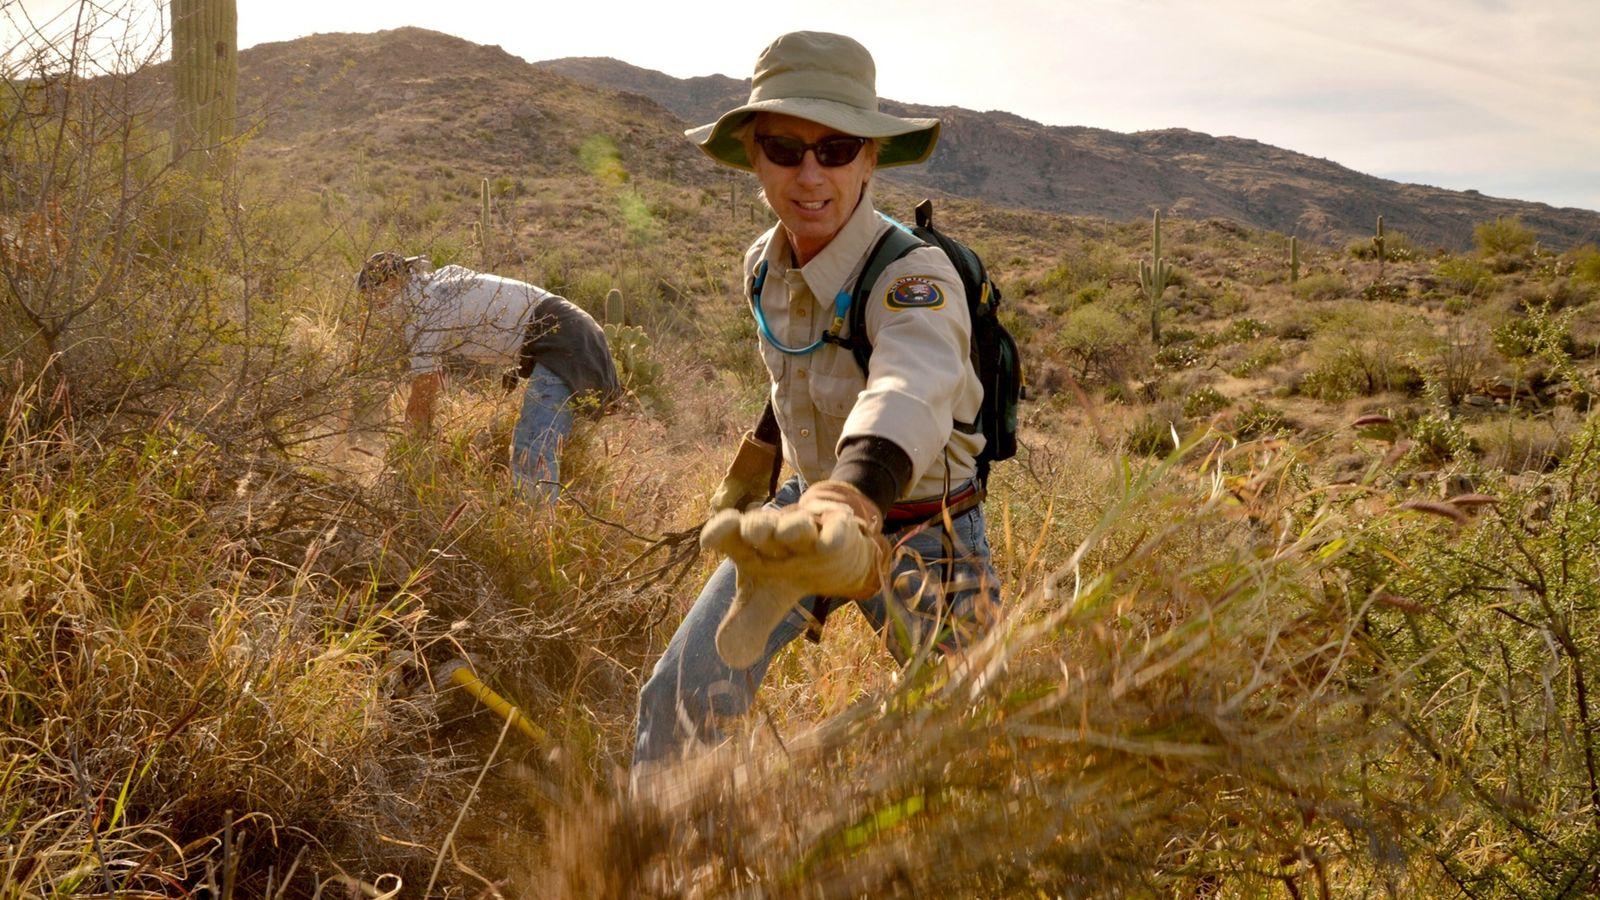 Membro da equipe do Distrito Leste do Parque Nacional Saguaro arranca capim-buffel, planta não nativa que ...